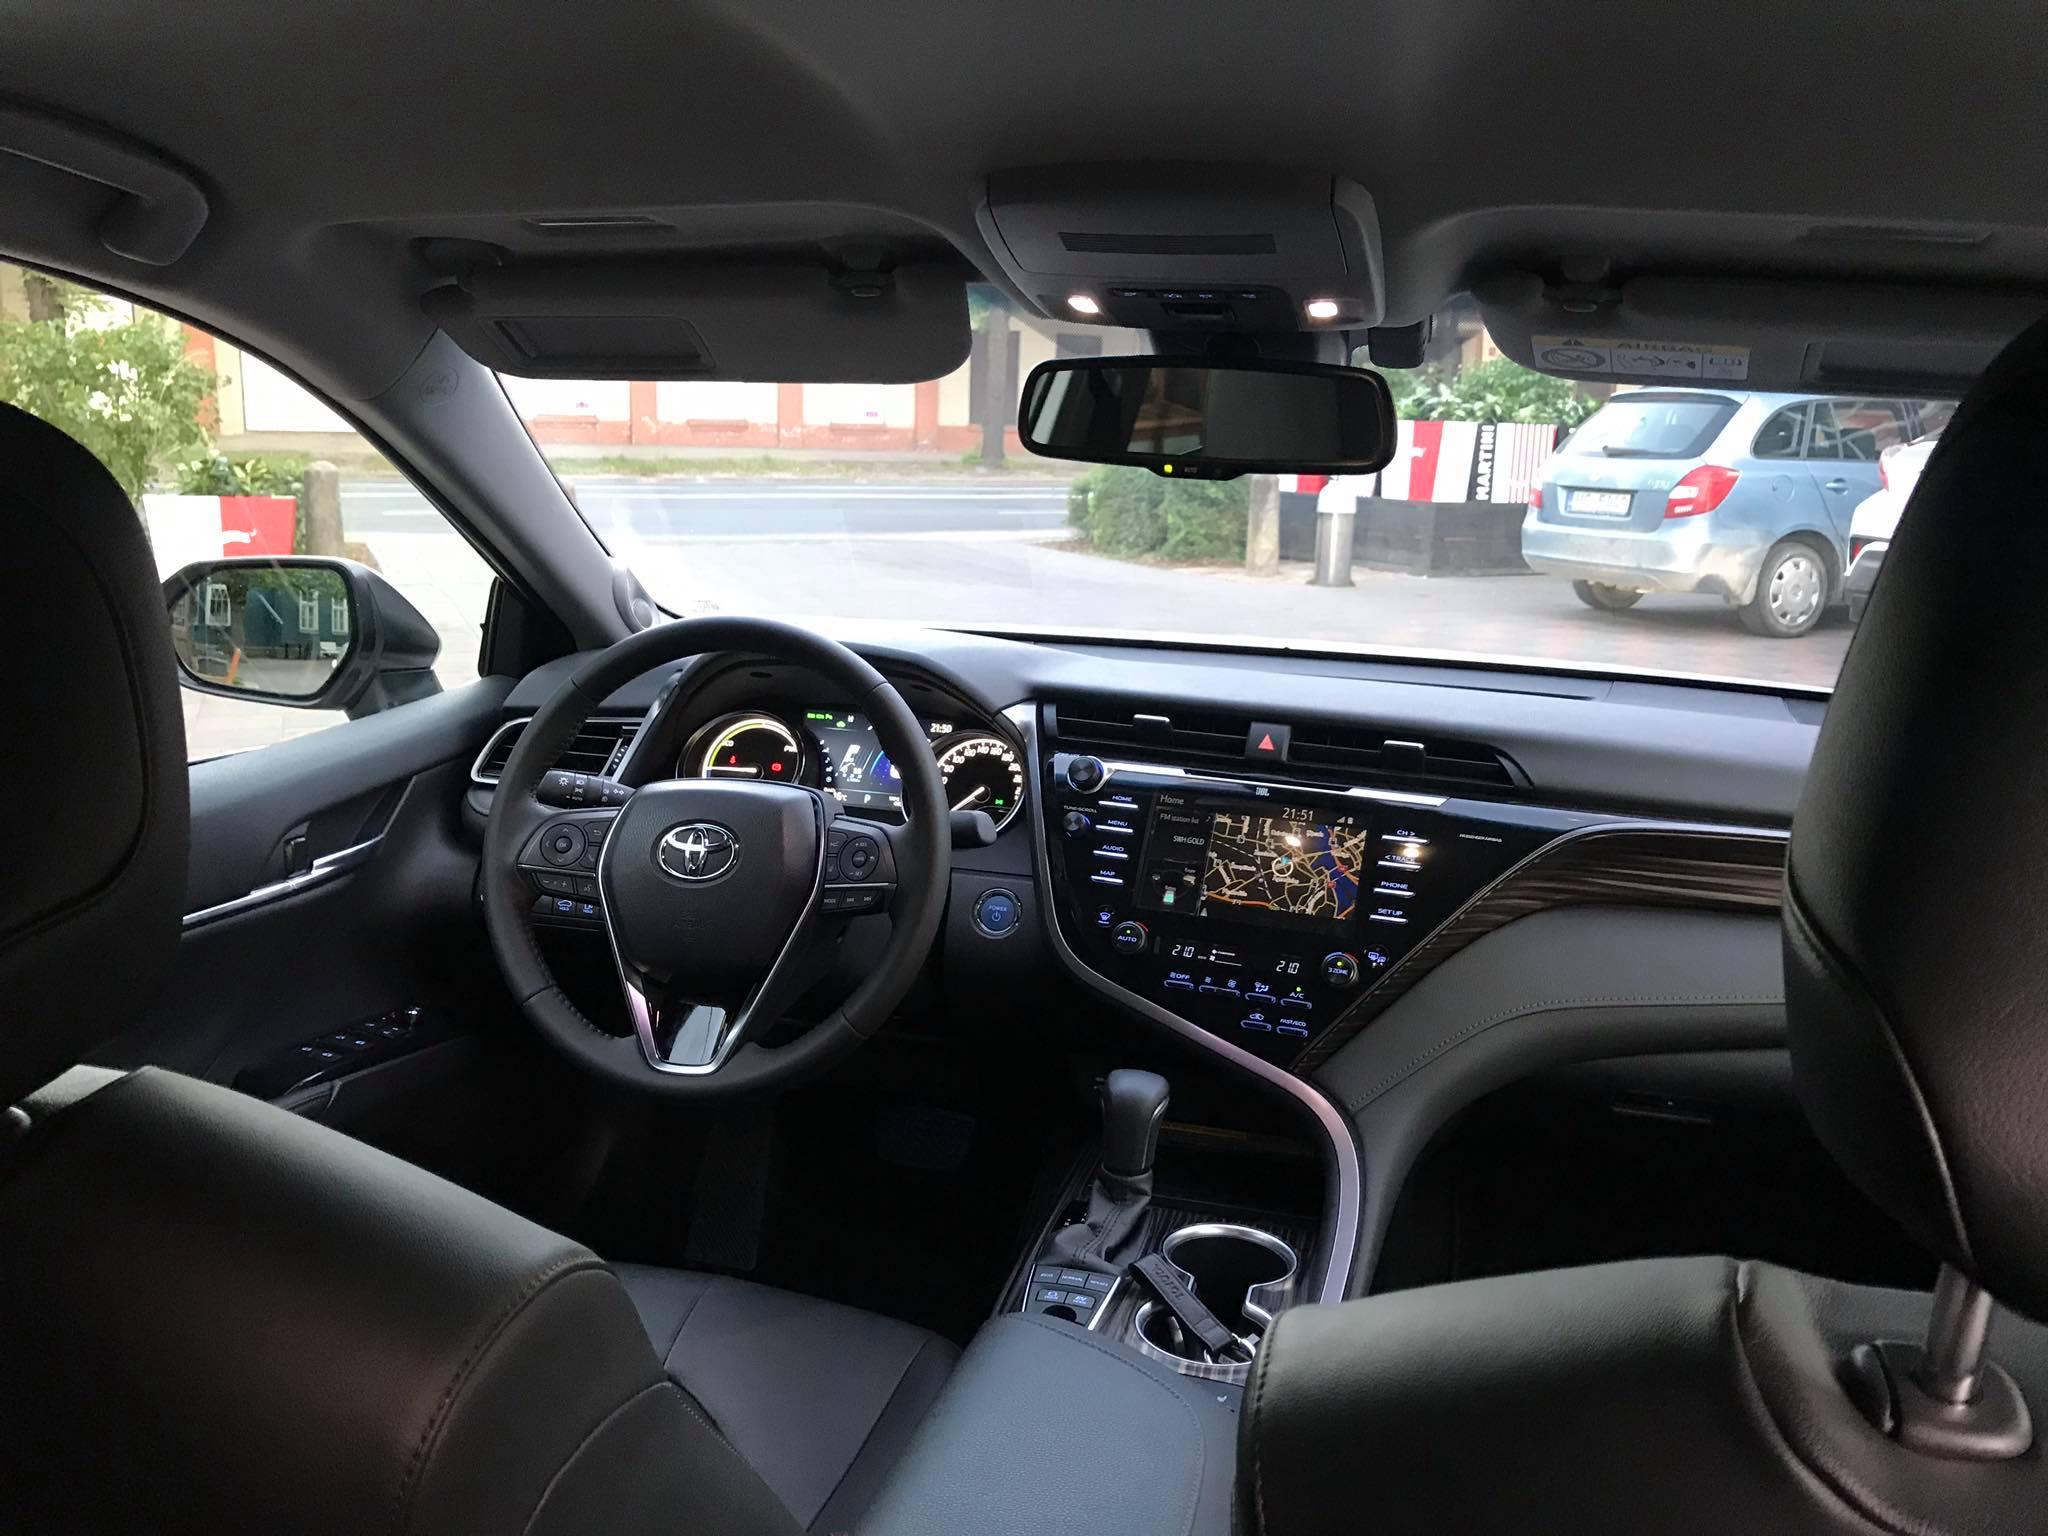 https://www.whatcar.lv/cars/Toyota/Camry/a4d2bb447ff96fcf627c4f9e92ae6d3a.jpg